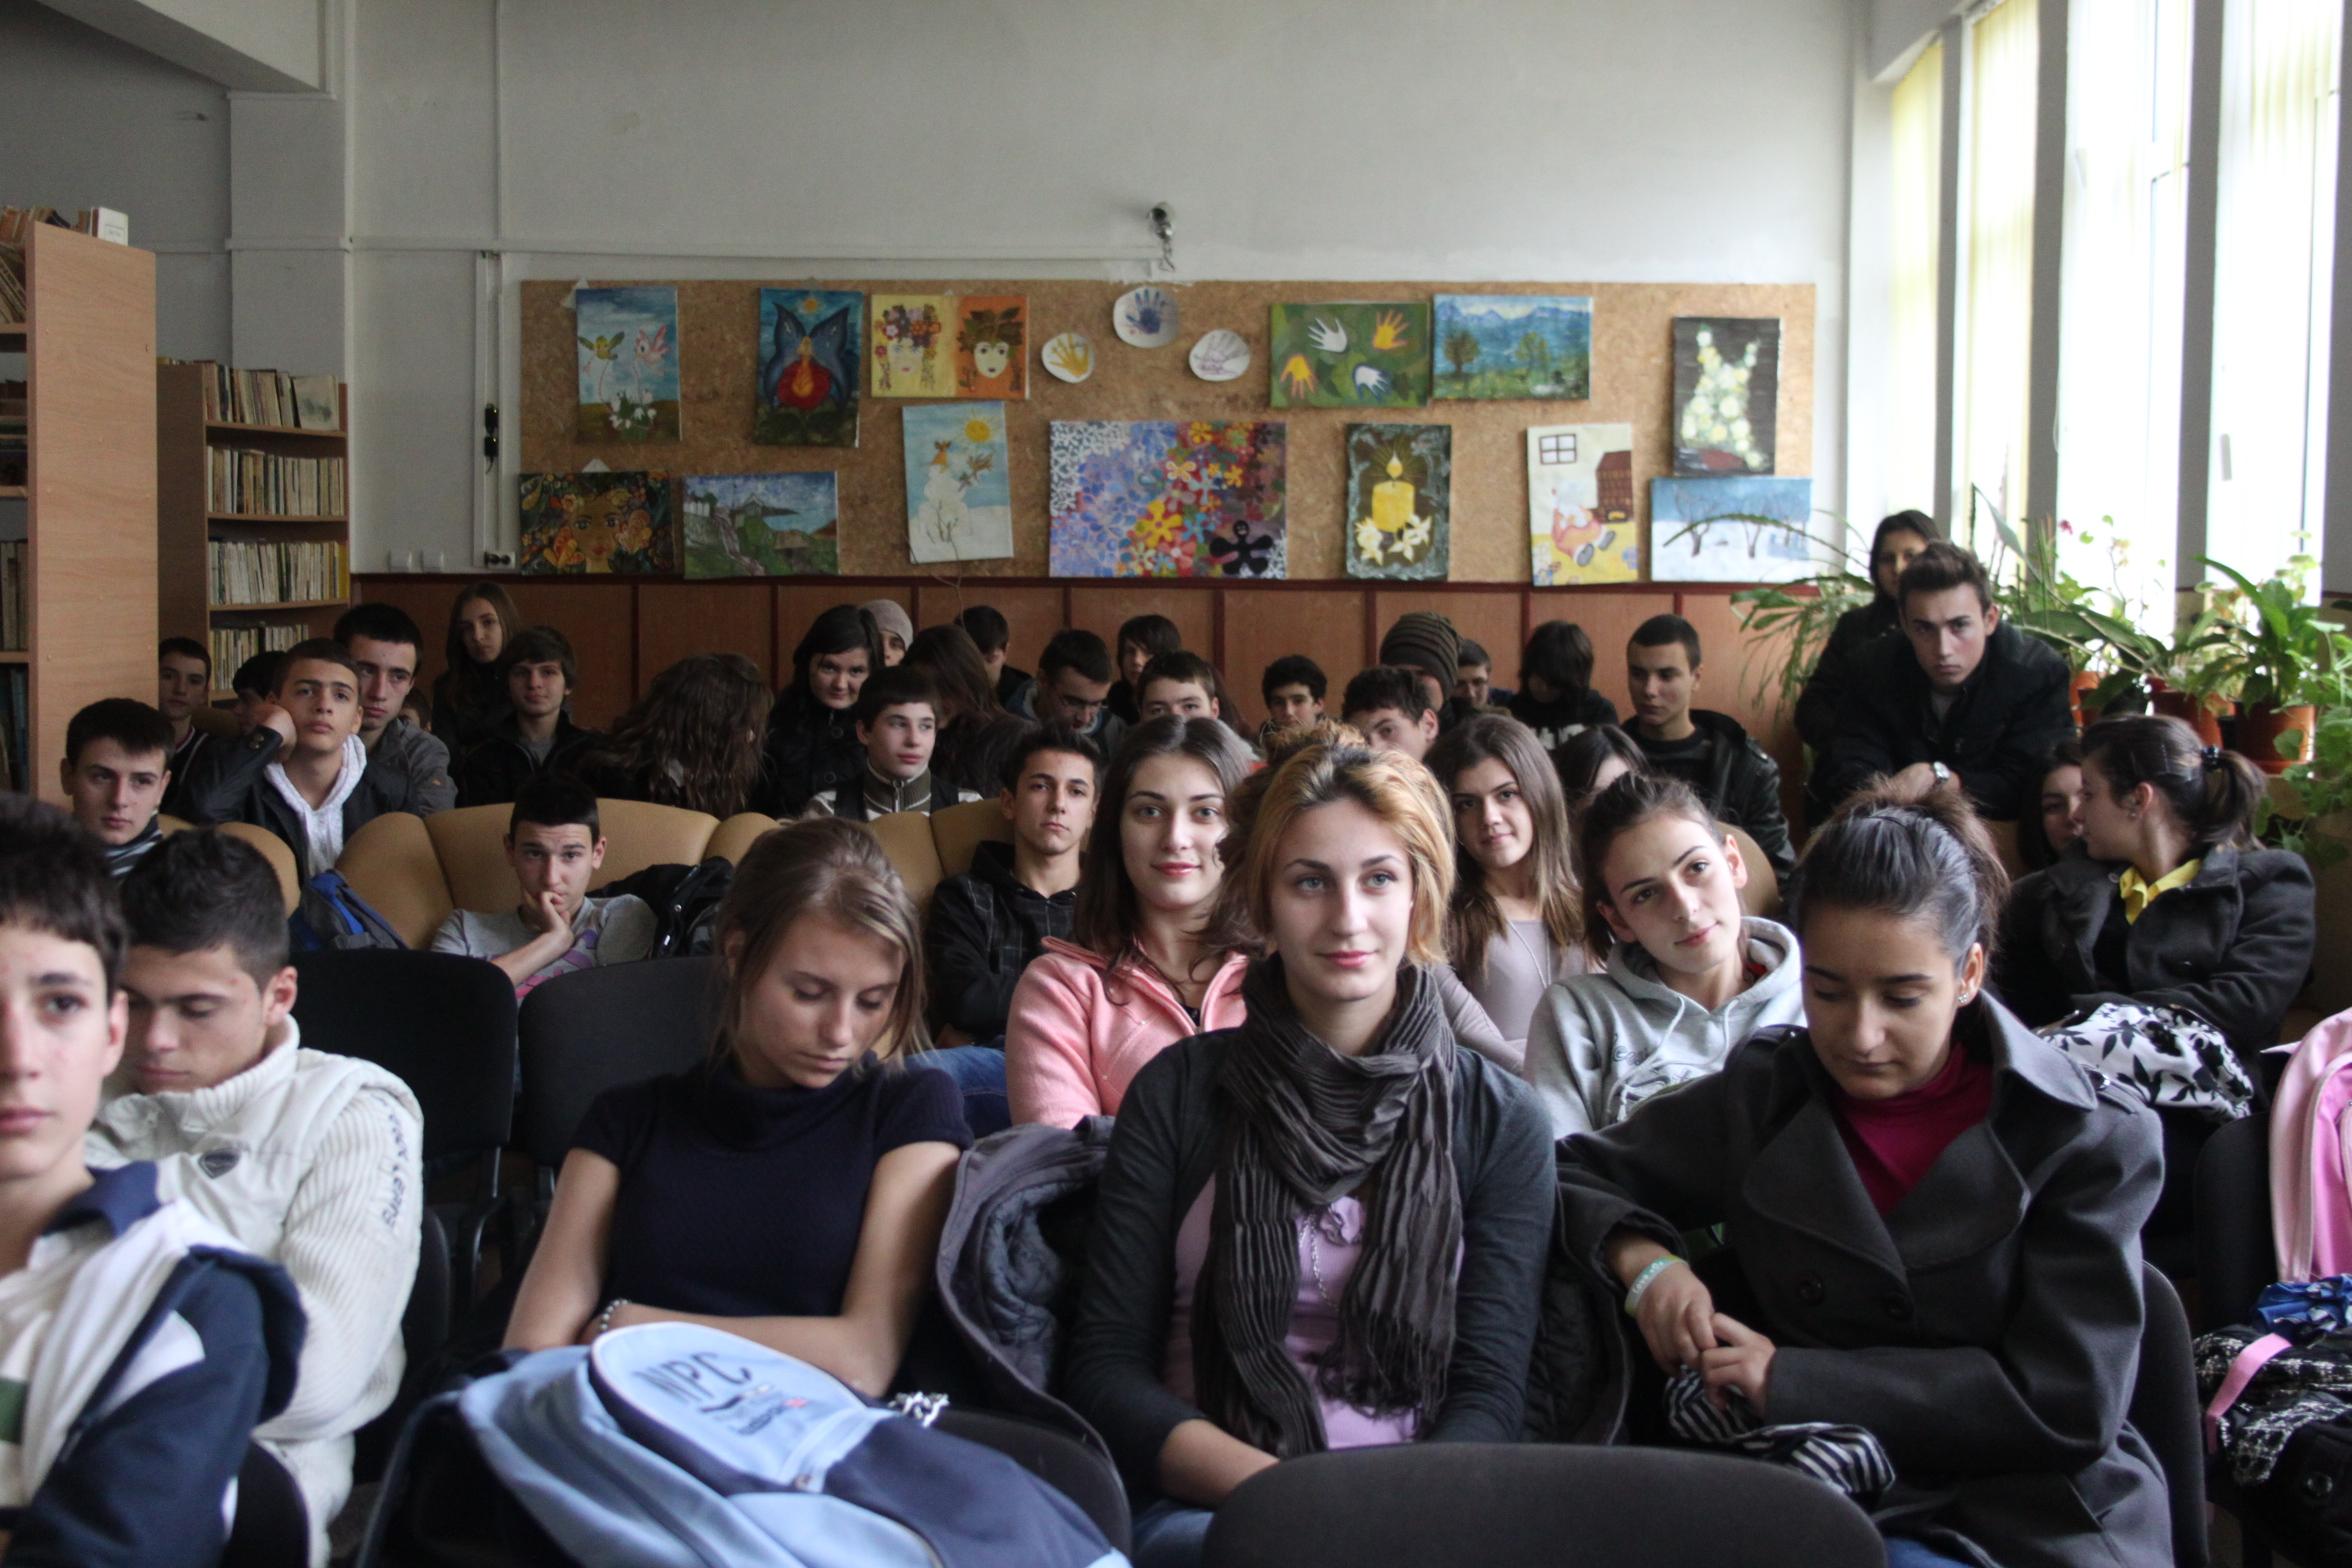 Azi am fost la Liceul I.L.Caragiale din Moreni. Cum a fost?